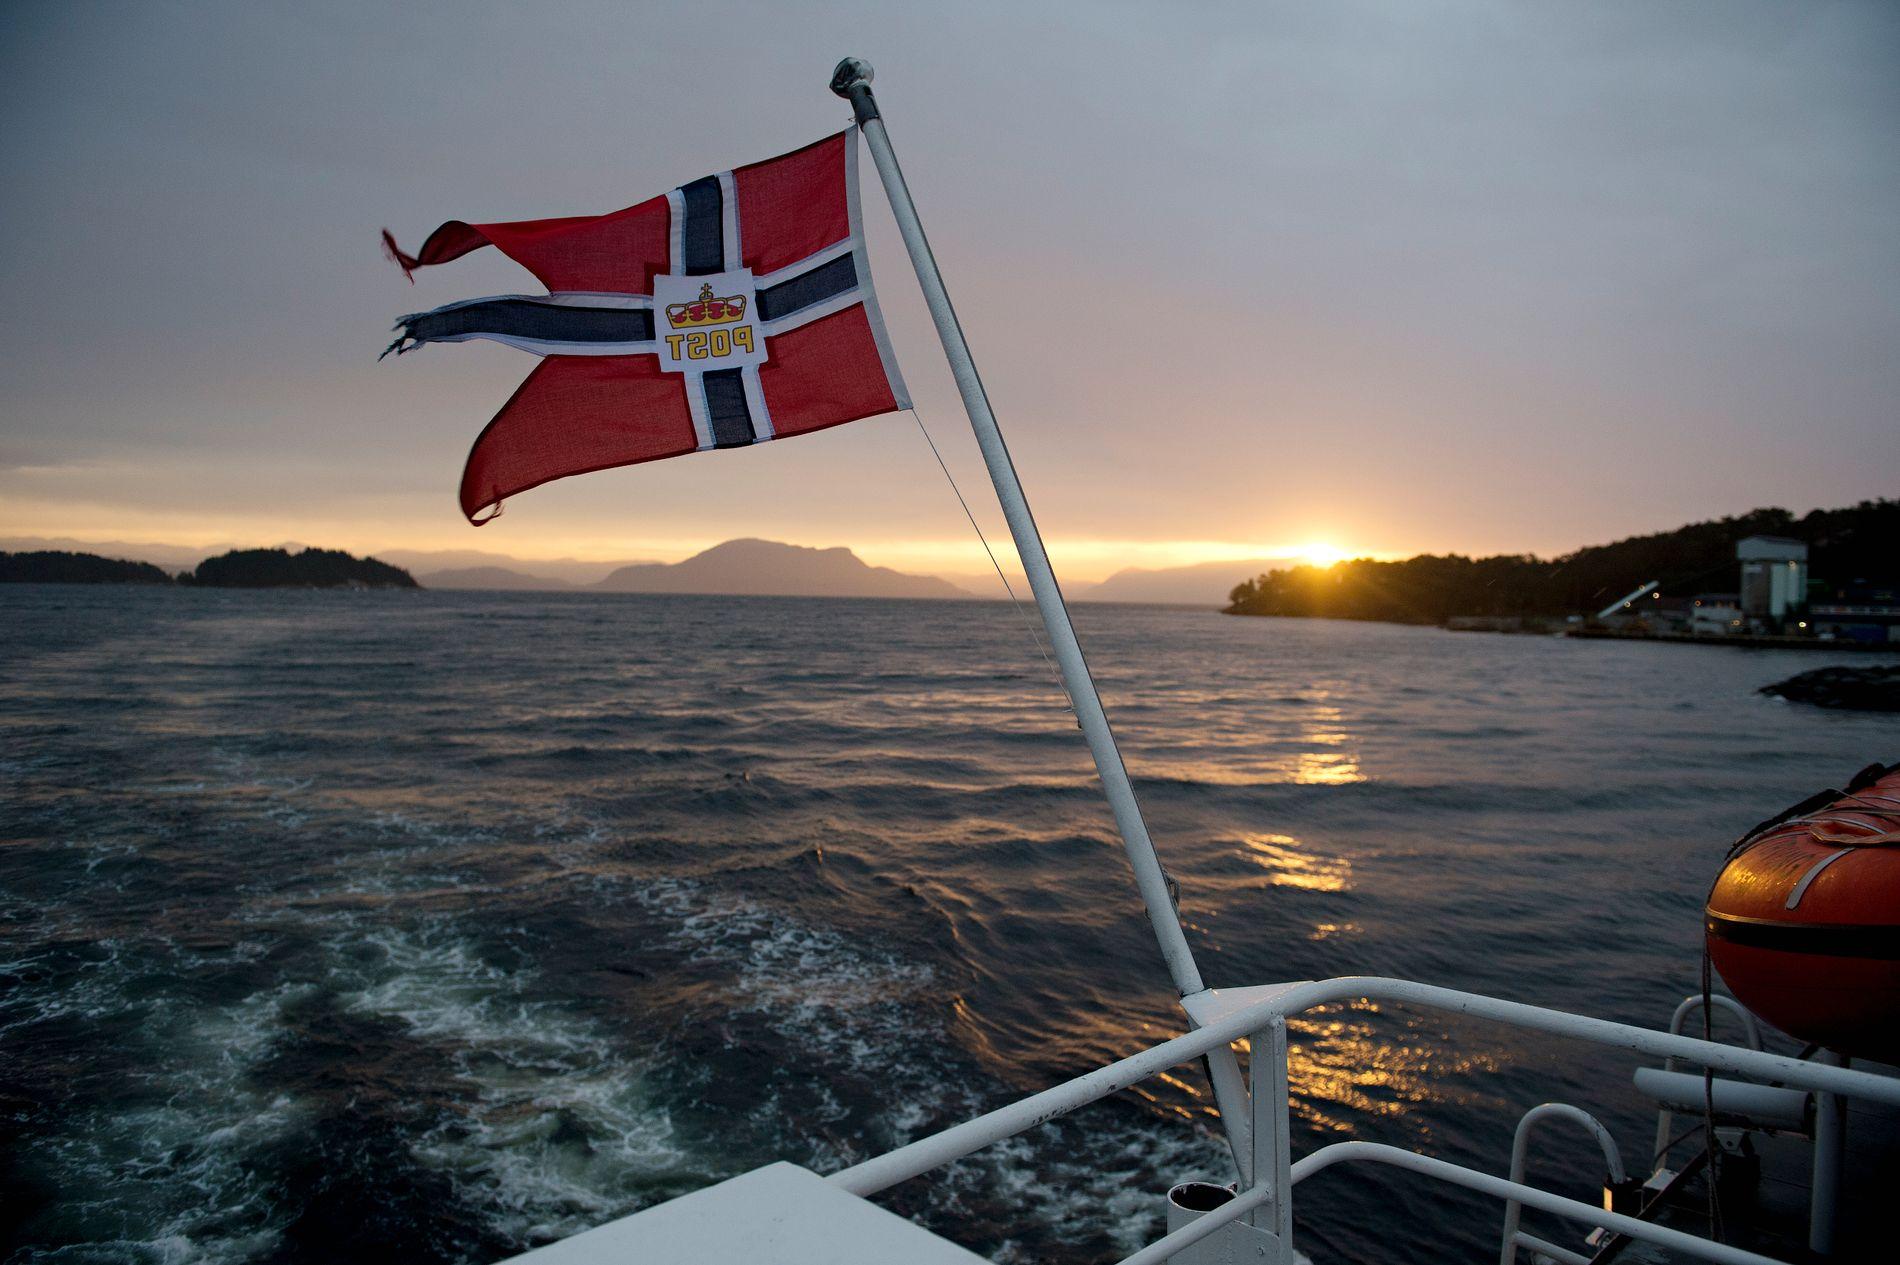 EKSPORTLAND: Noreg er avhengig av at Vestlandet lykkast. Det er Vestlandets sterkaste kort i kampen for framtida, òg den politiske kampen, skriv BT-kommentator Hans K. Mjelva.